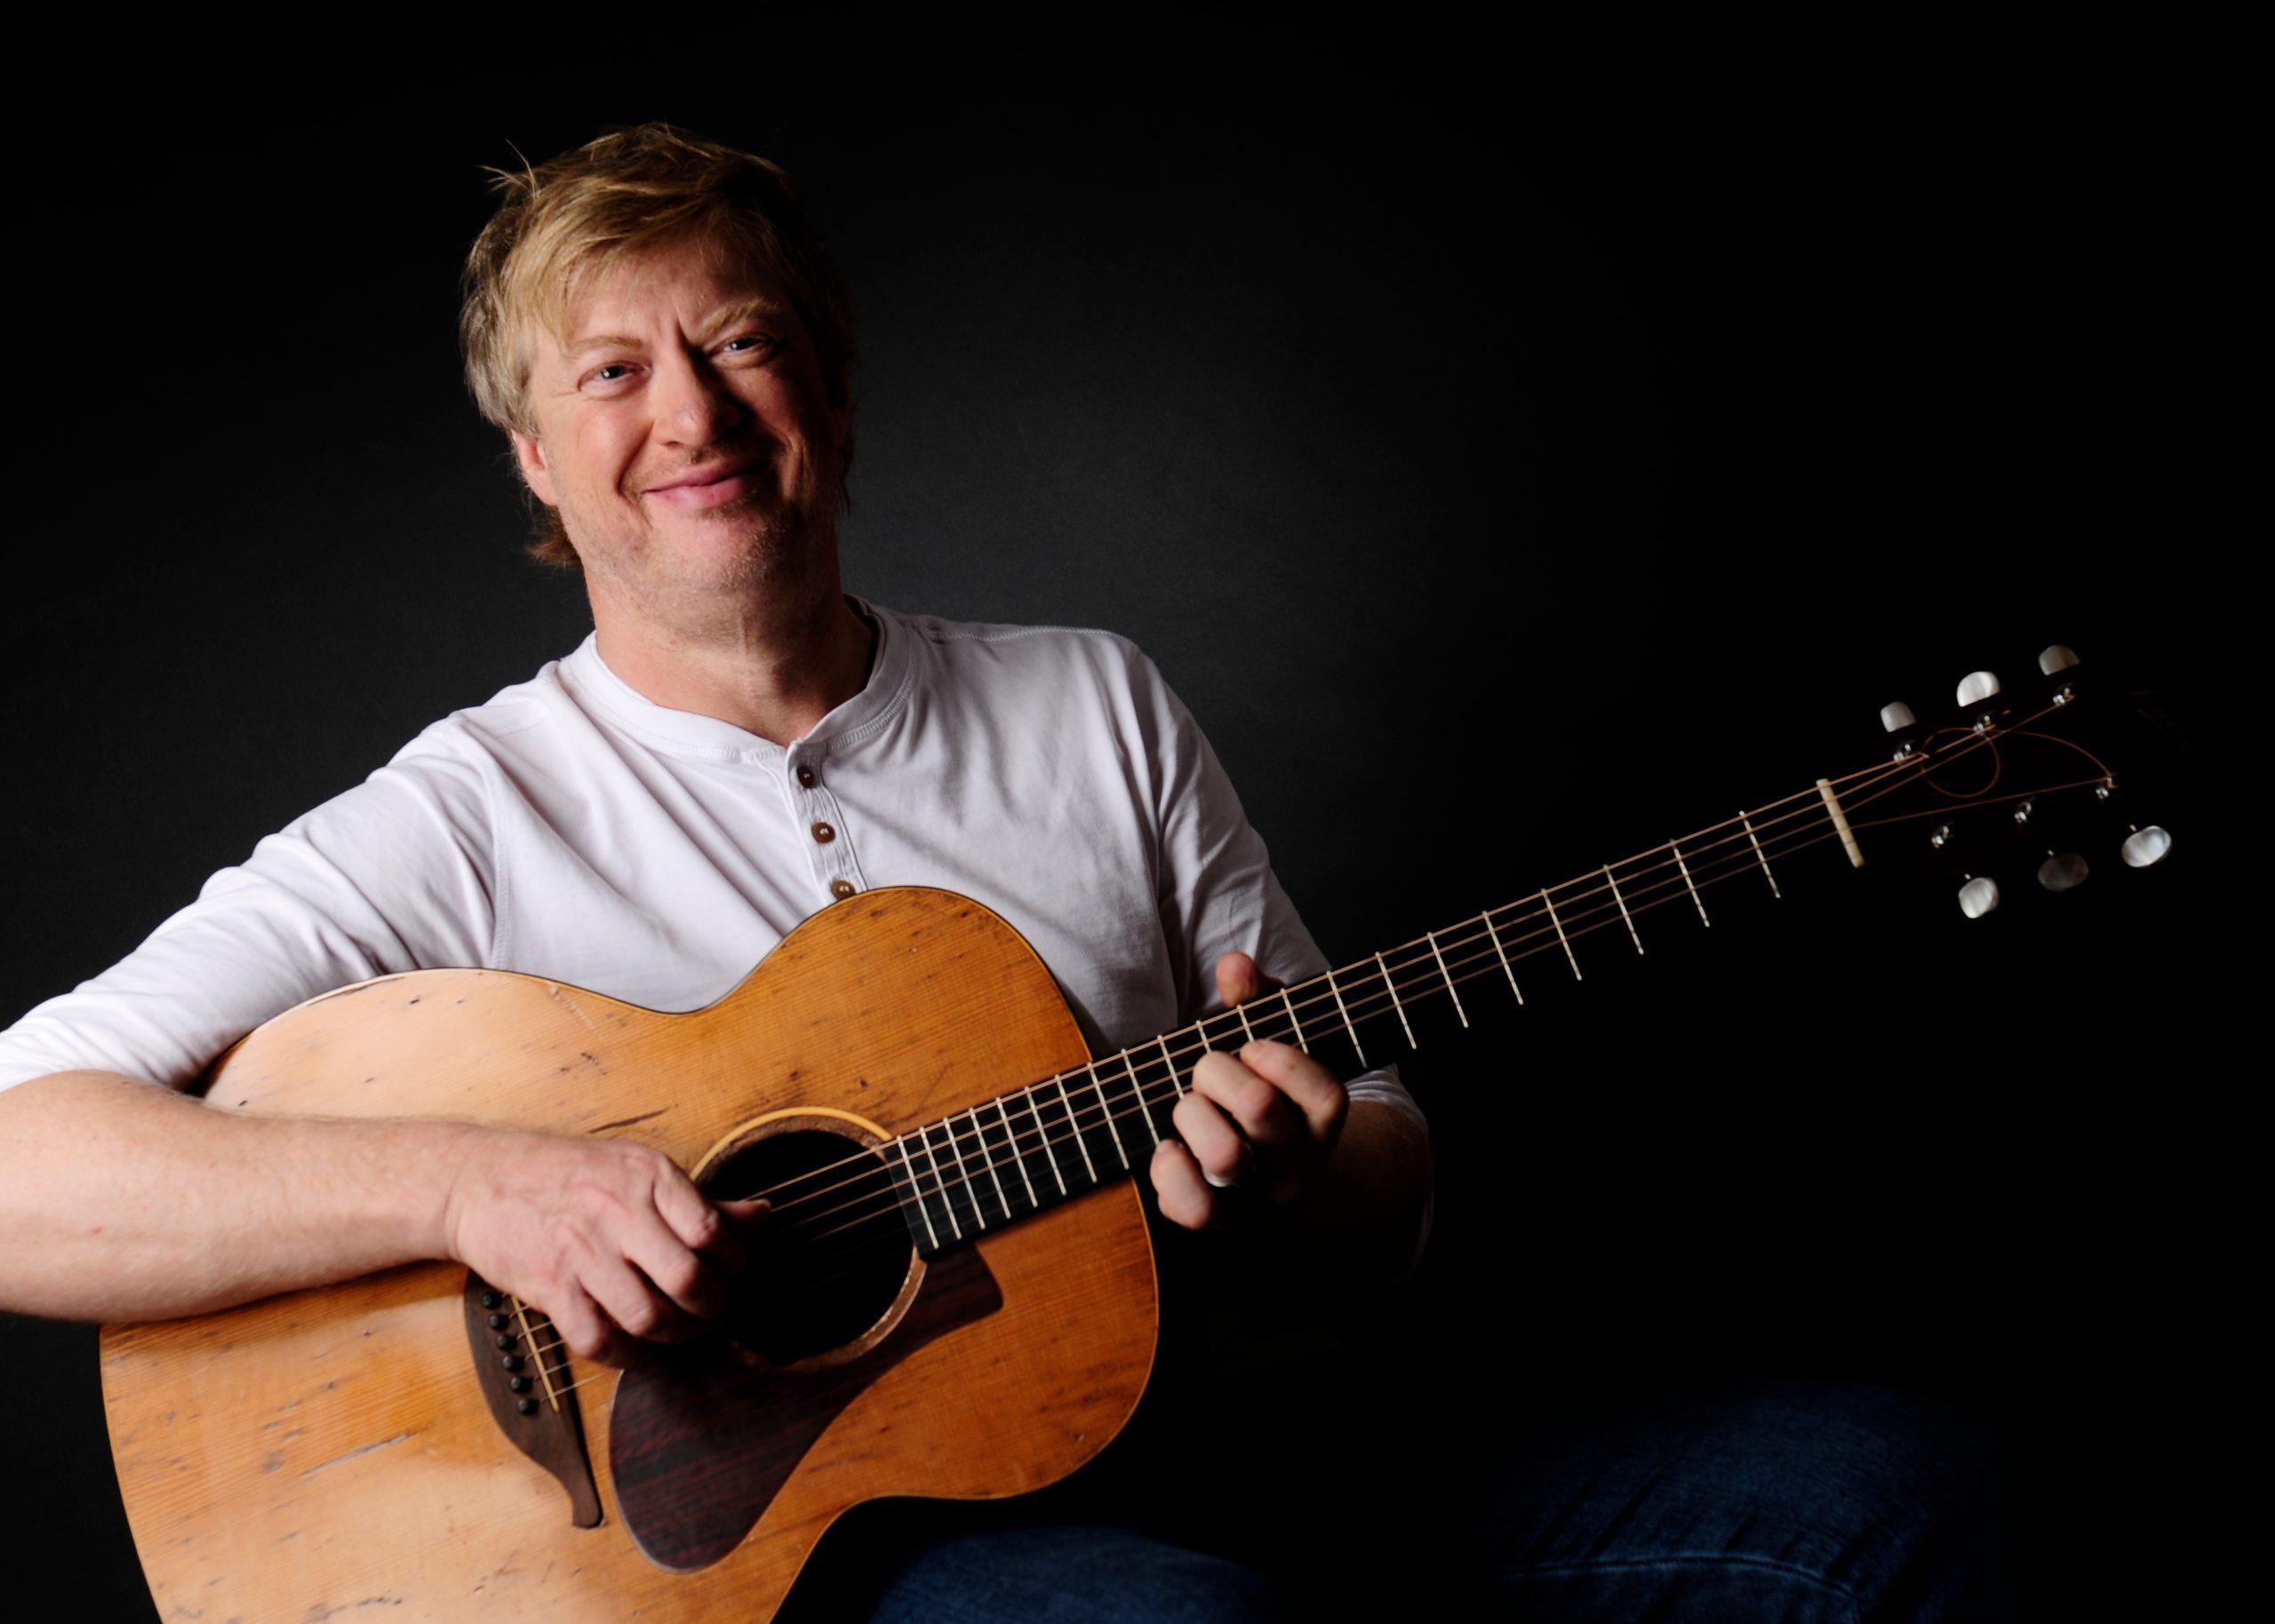 Paddy Schmidt mit Gitarre